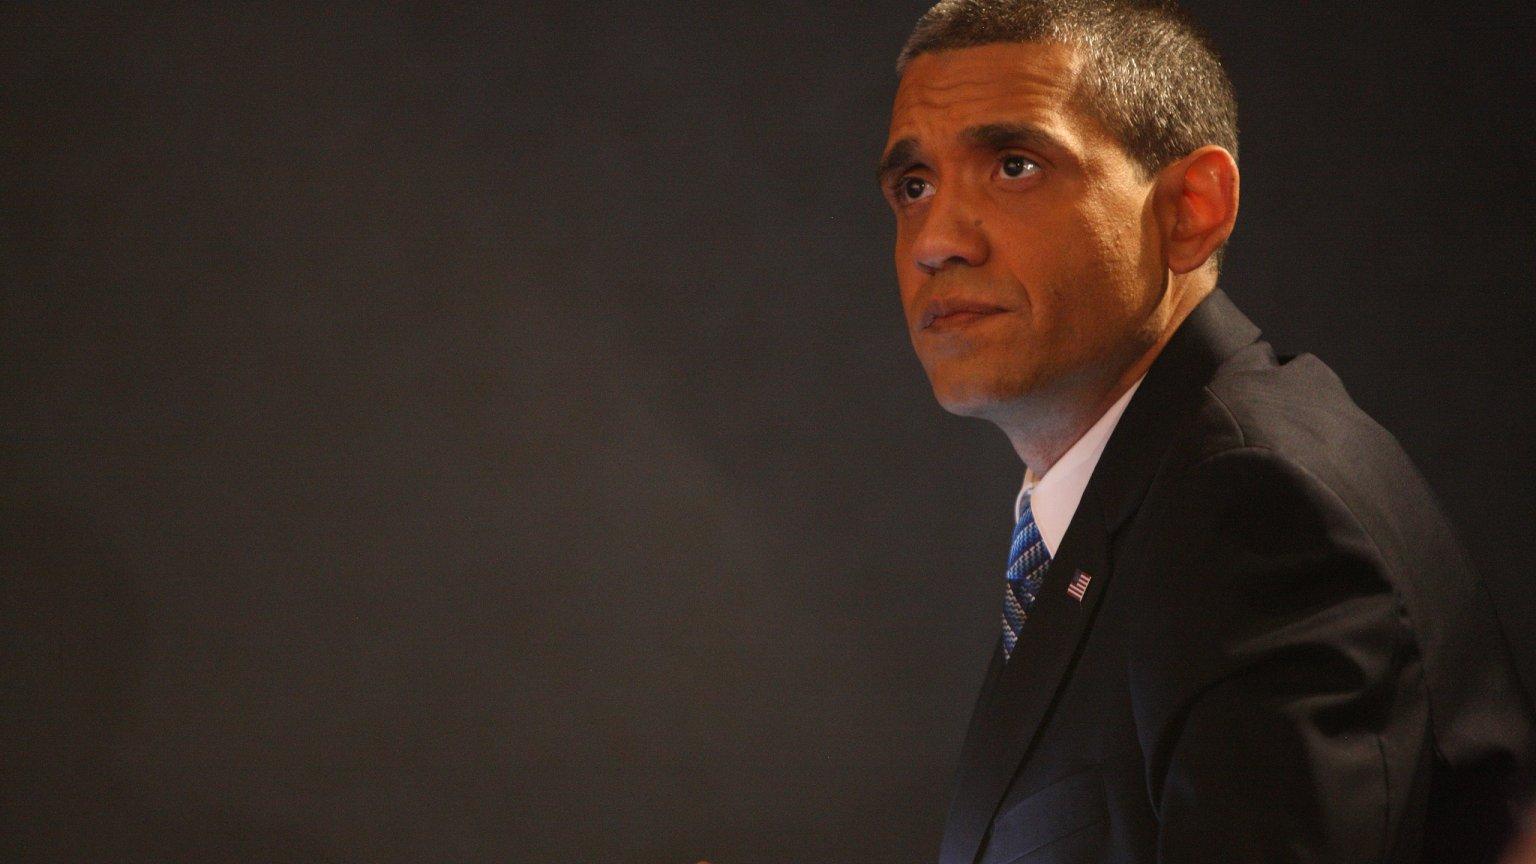 Obama z Bronksu. Impersonator prezydenta USA: Barack Obama i Bia³y Dom ¶ledz± mnie na Twitterze